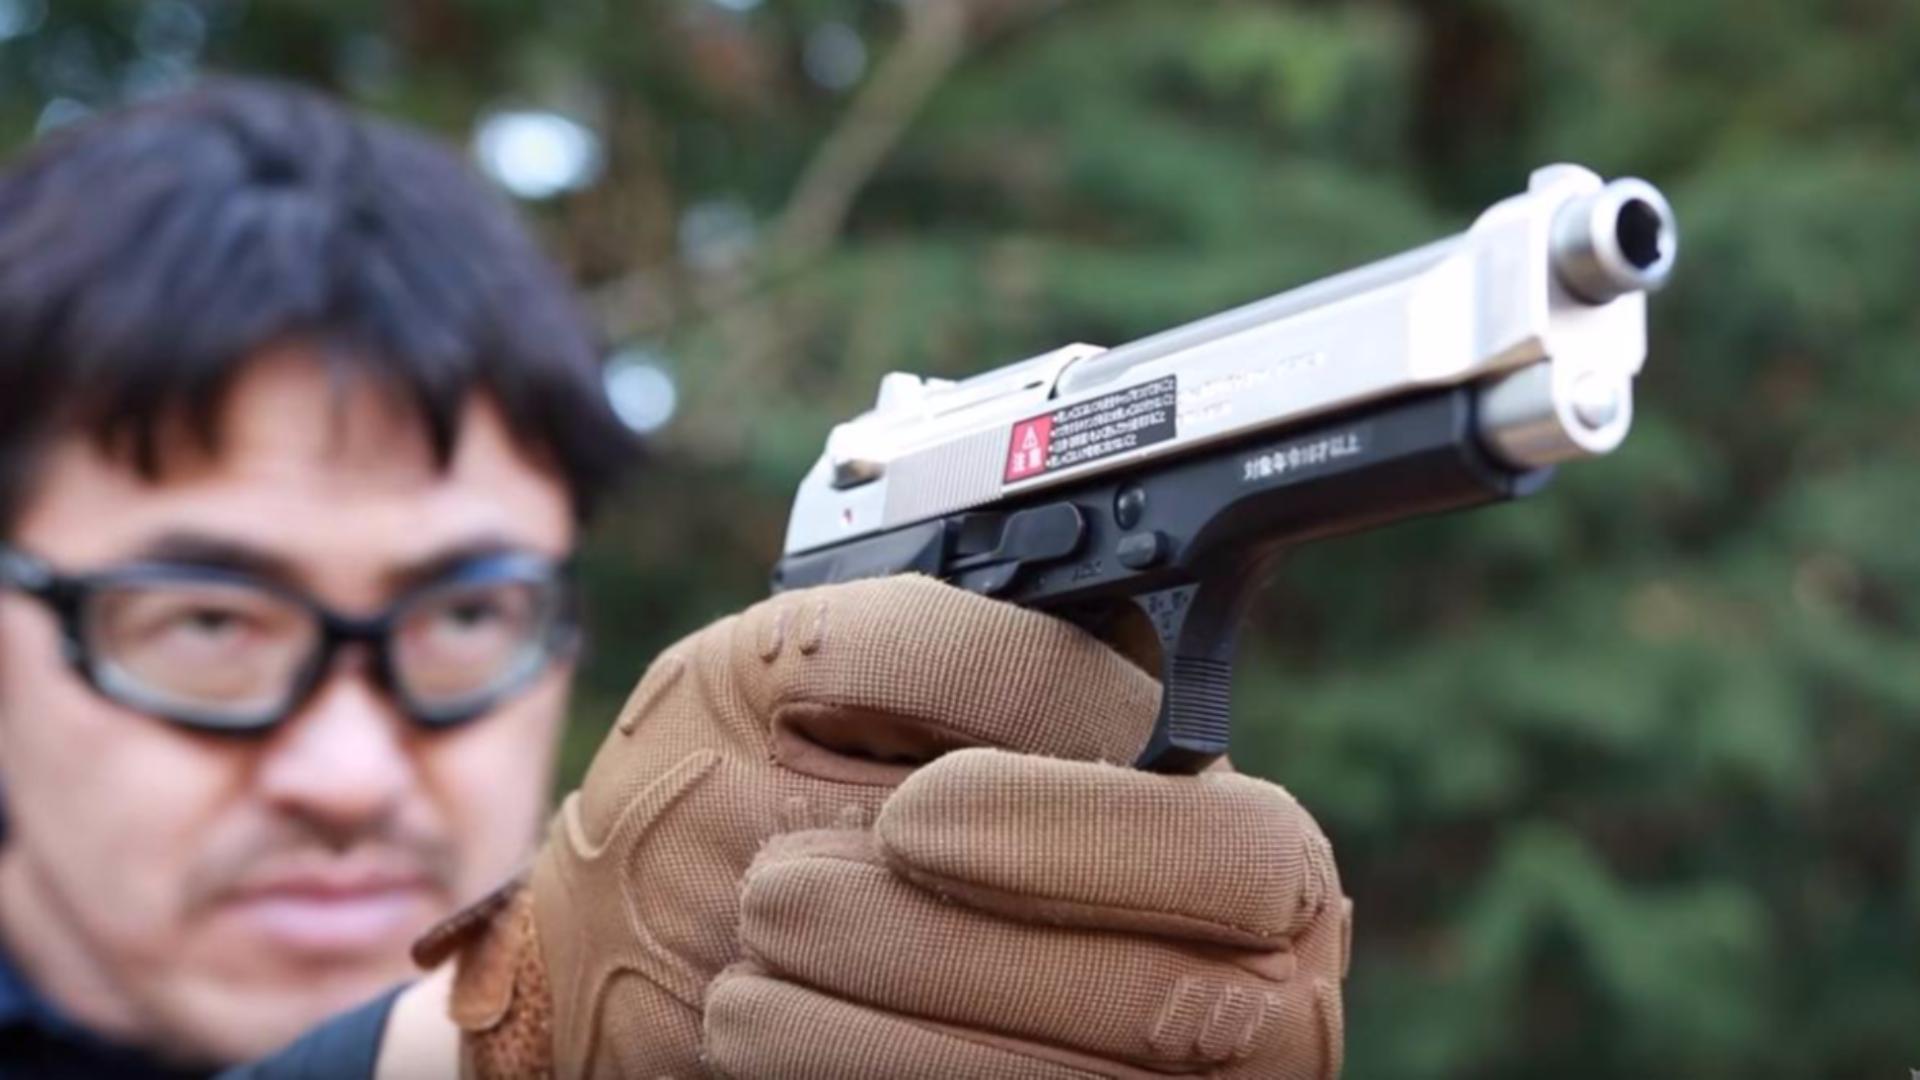 日本壕堺大叔:M92F幻灯片银不锈钢型10岁以上空气HOP手枪